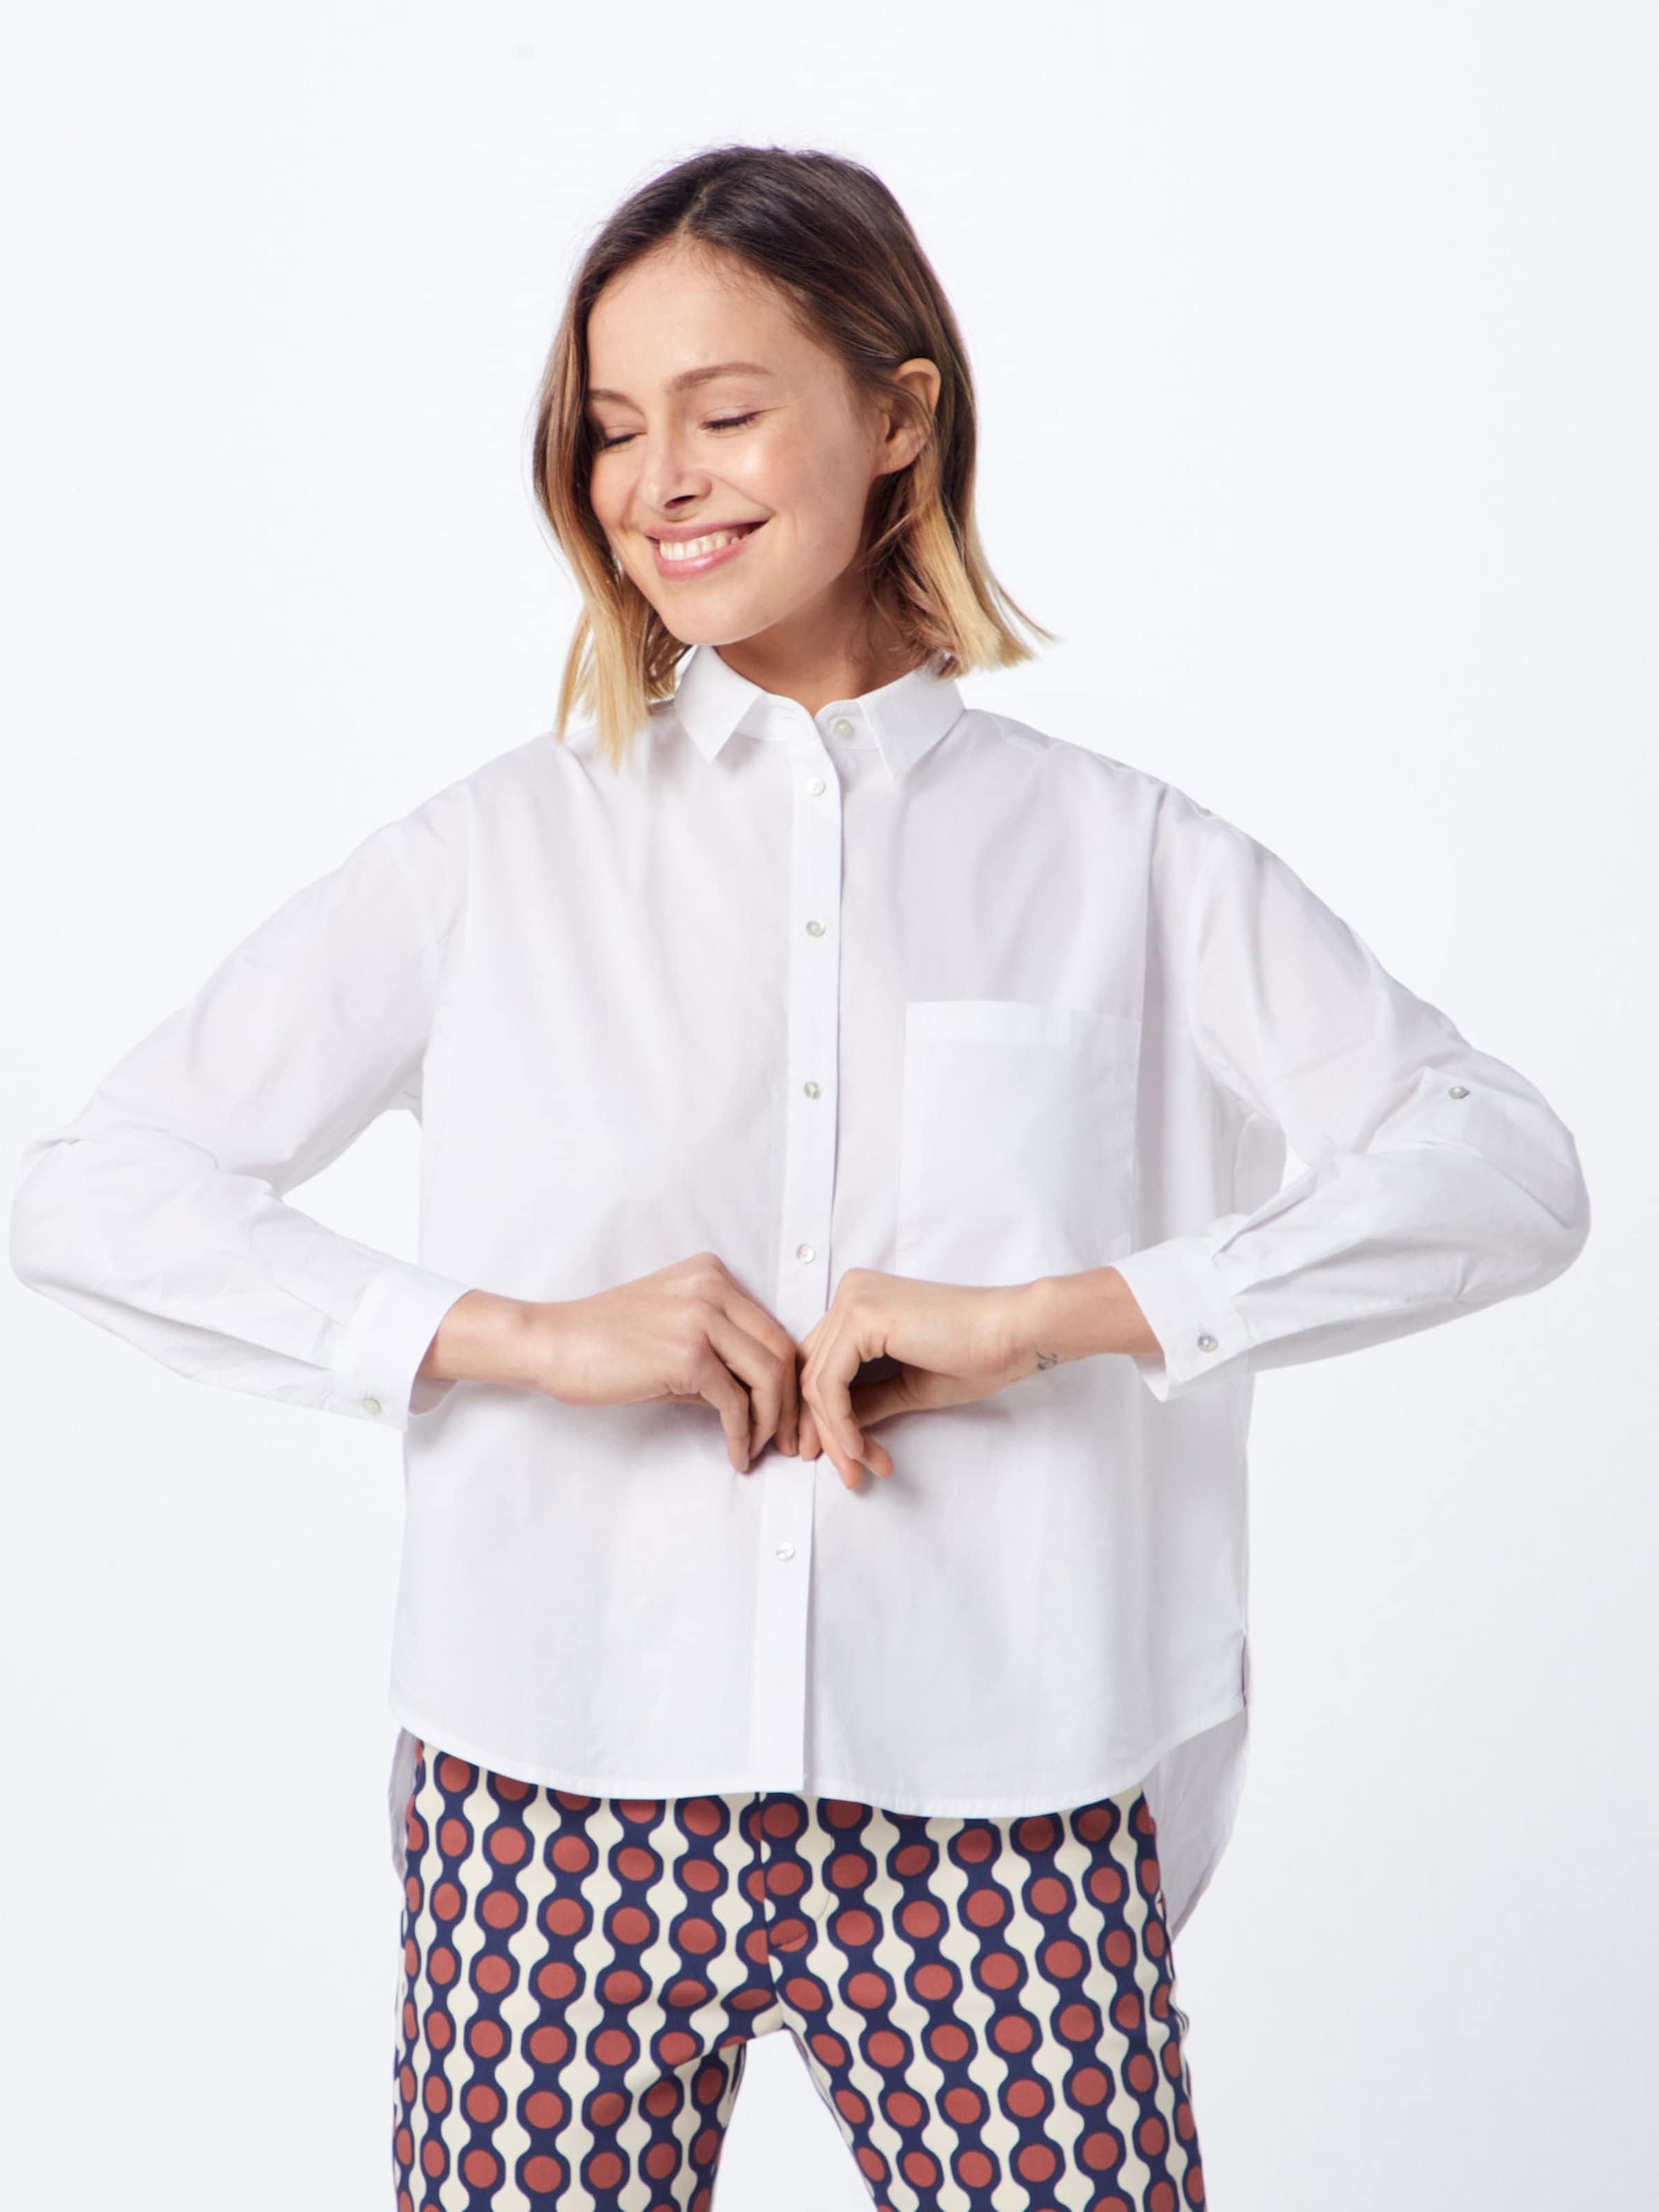 Bluse Bluse In Esprit Bluse Esprit In Weiß Weiß Esprit Bluse Esprit Weiß In 29IWDeEHY